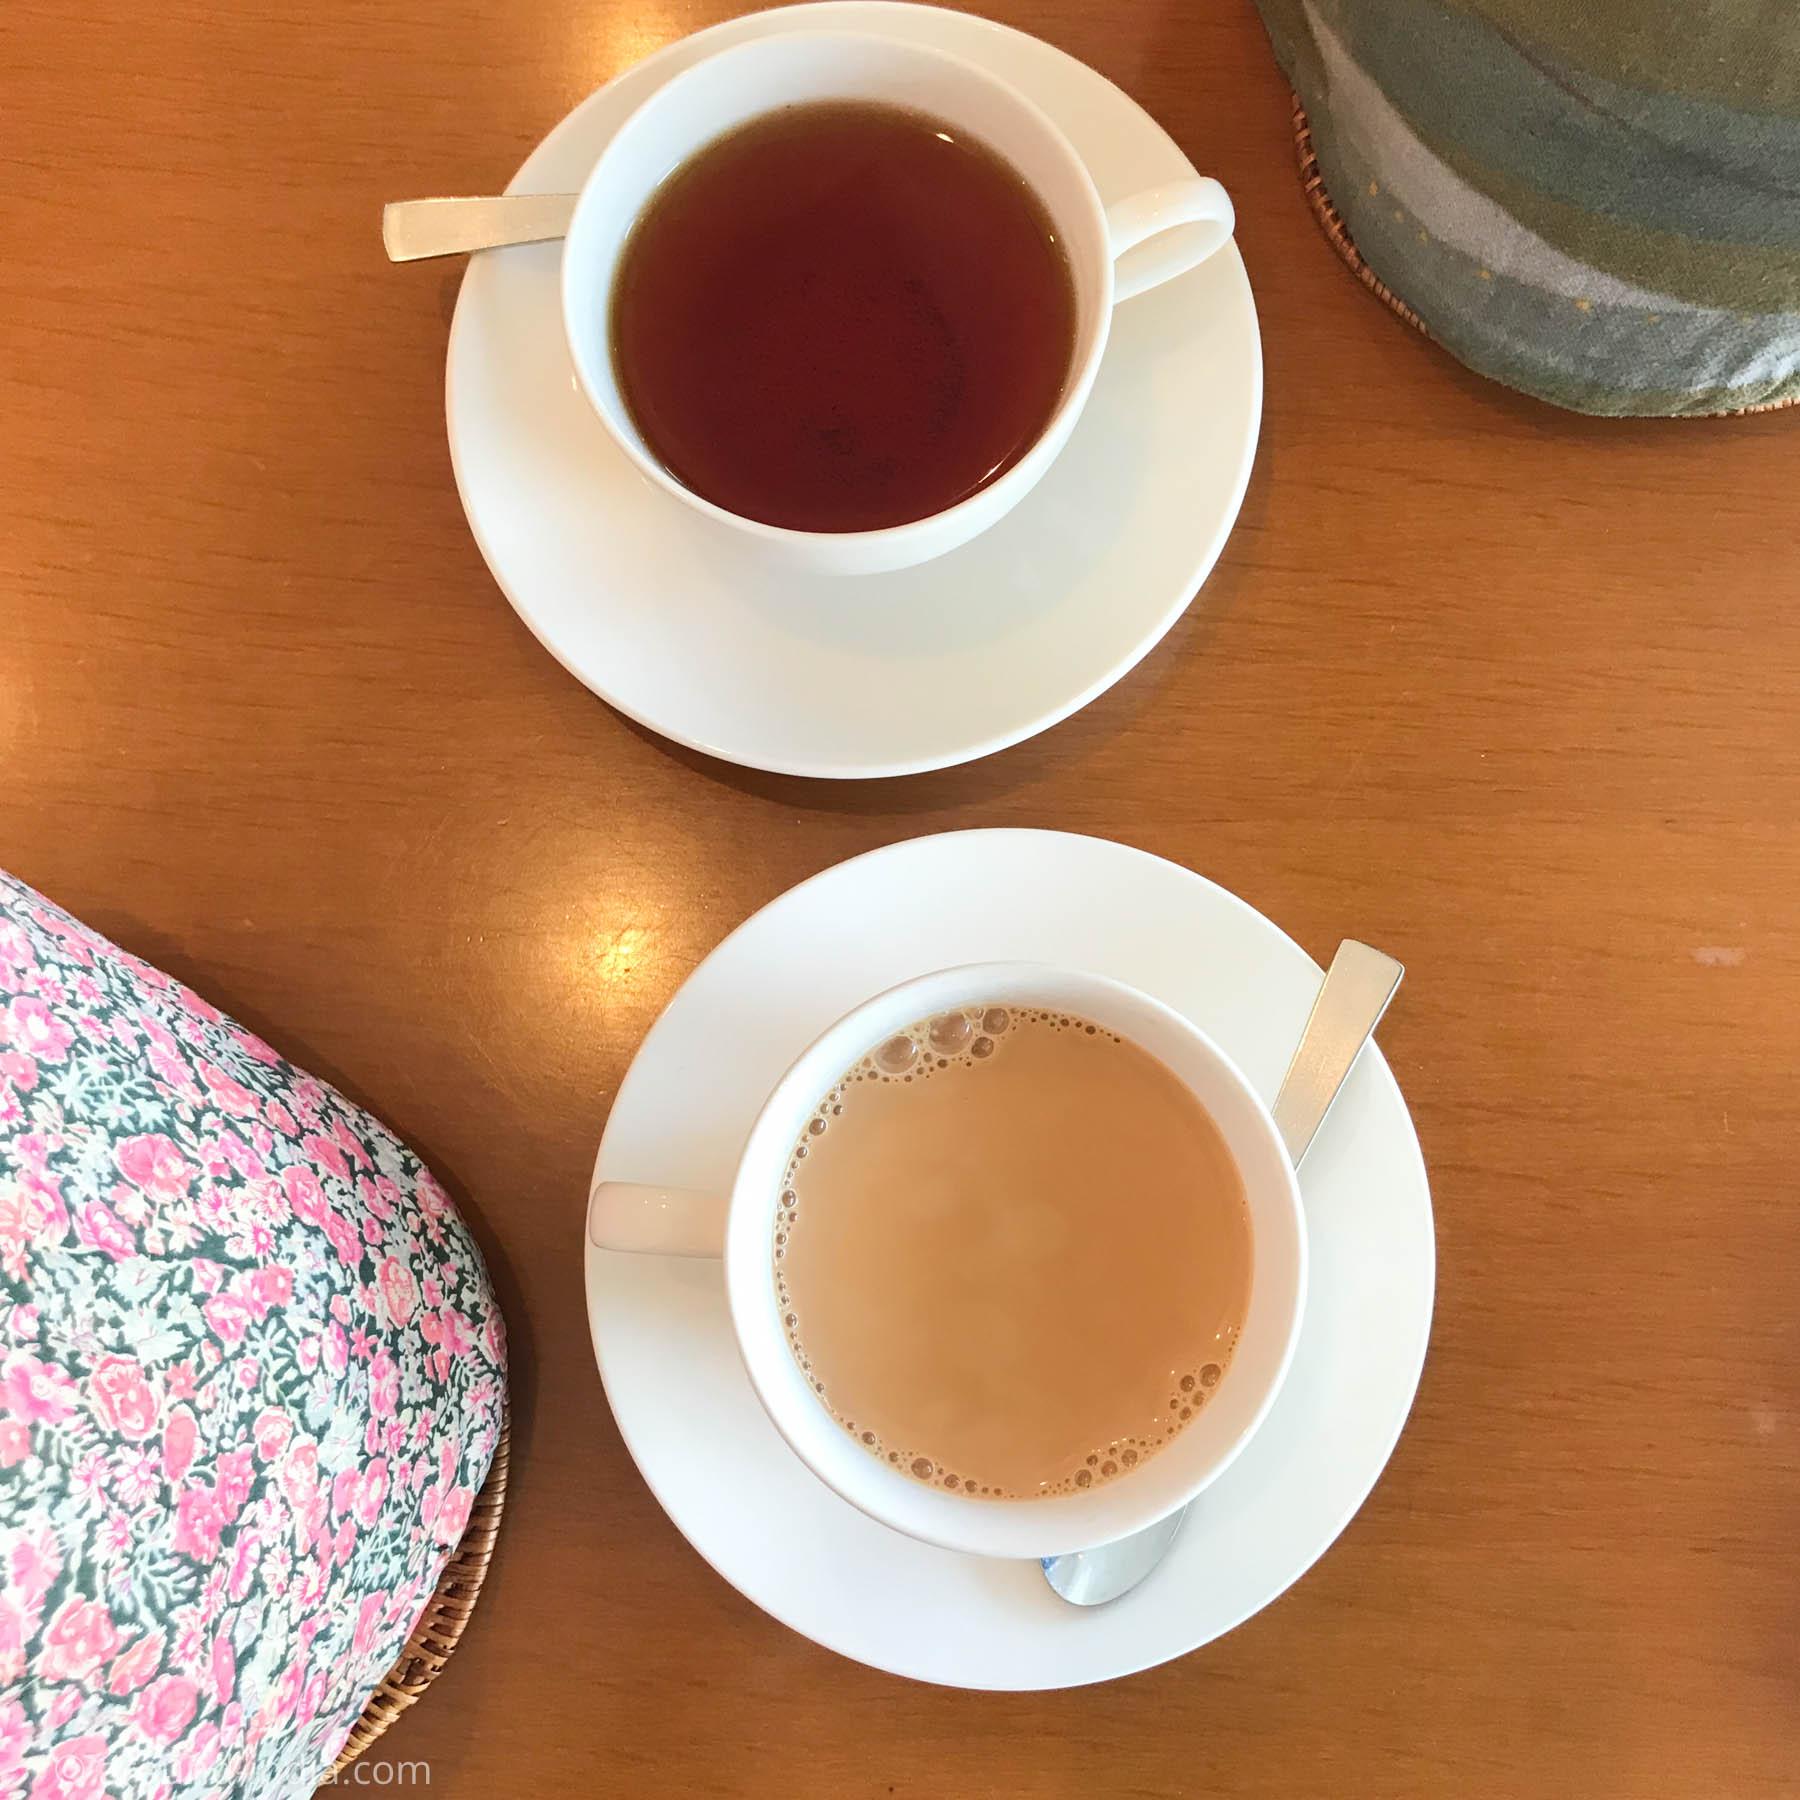 鎌倉の紅茶専門店ミミロータス、ディンブラと山椒チャイ